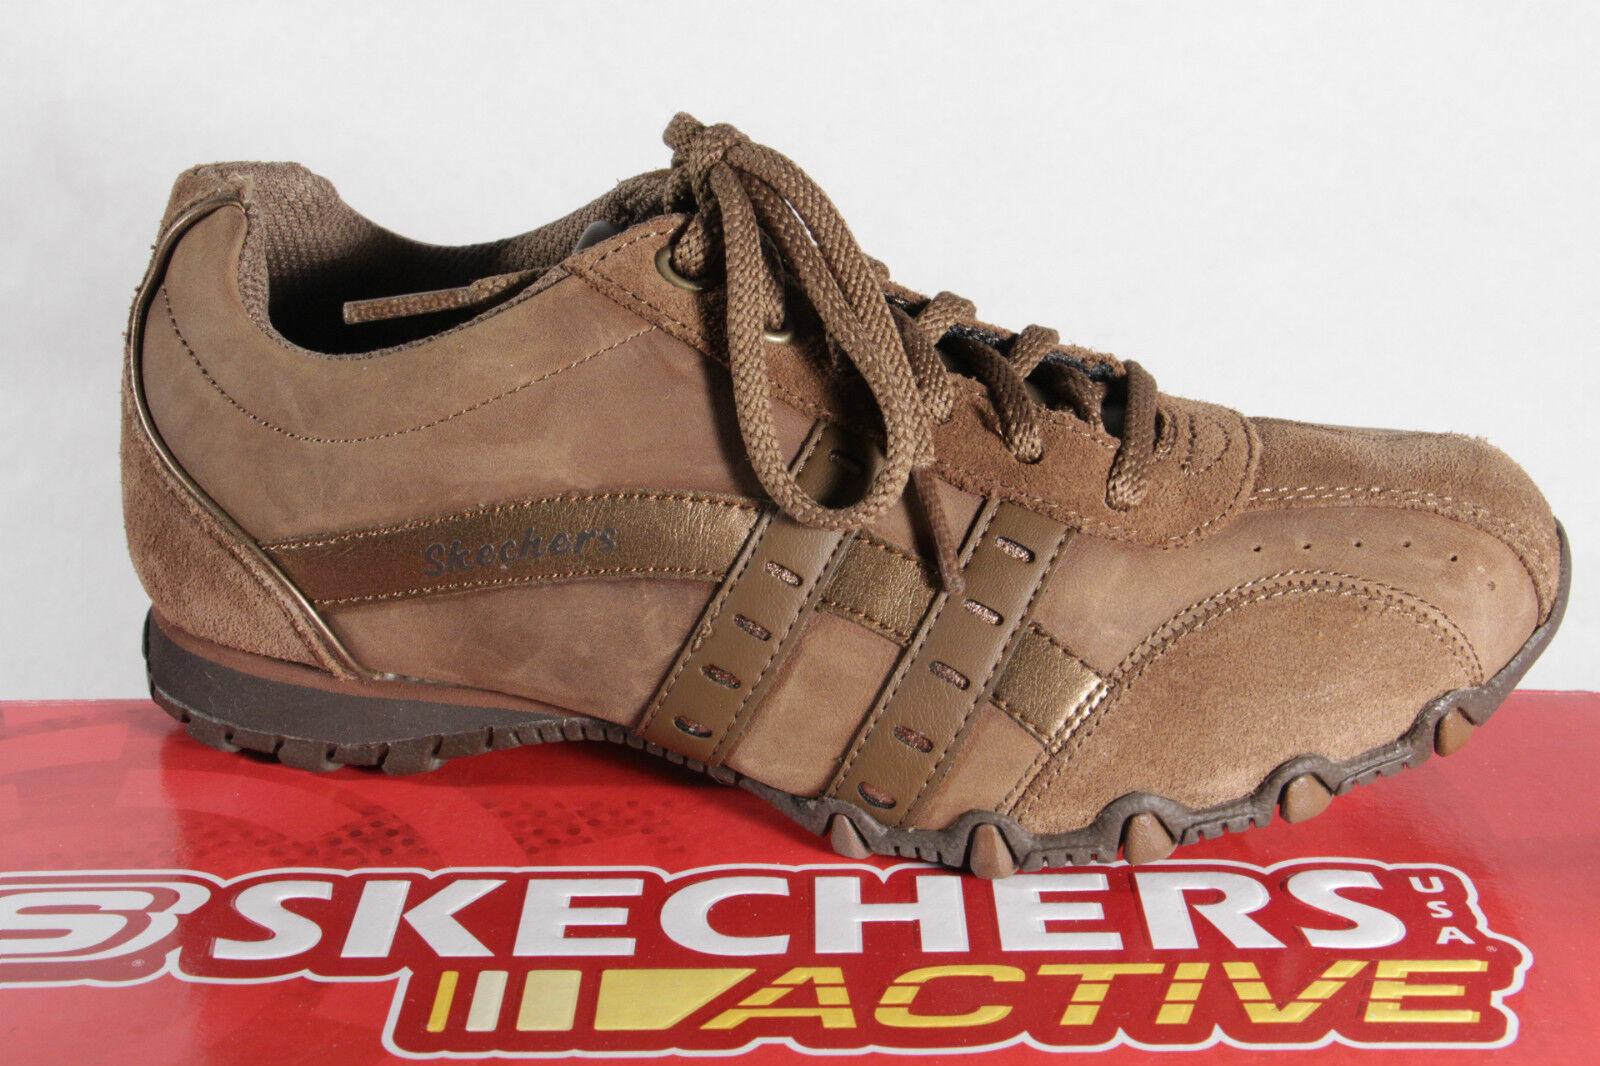 Skechers Scarpe con Lacci scarpe da ginnastica Marronee, pelle Nuovo